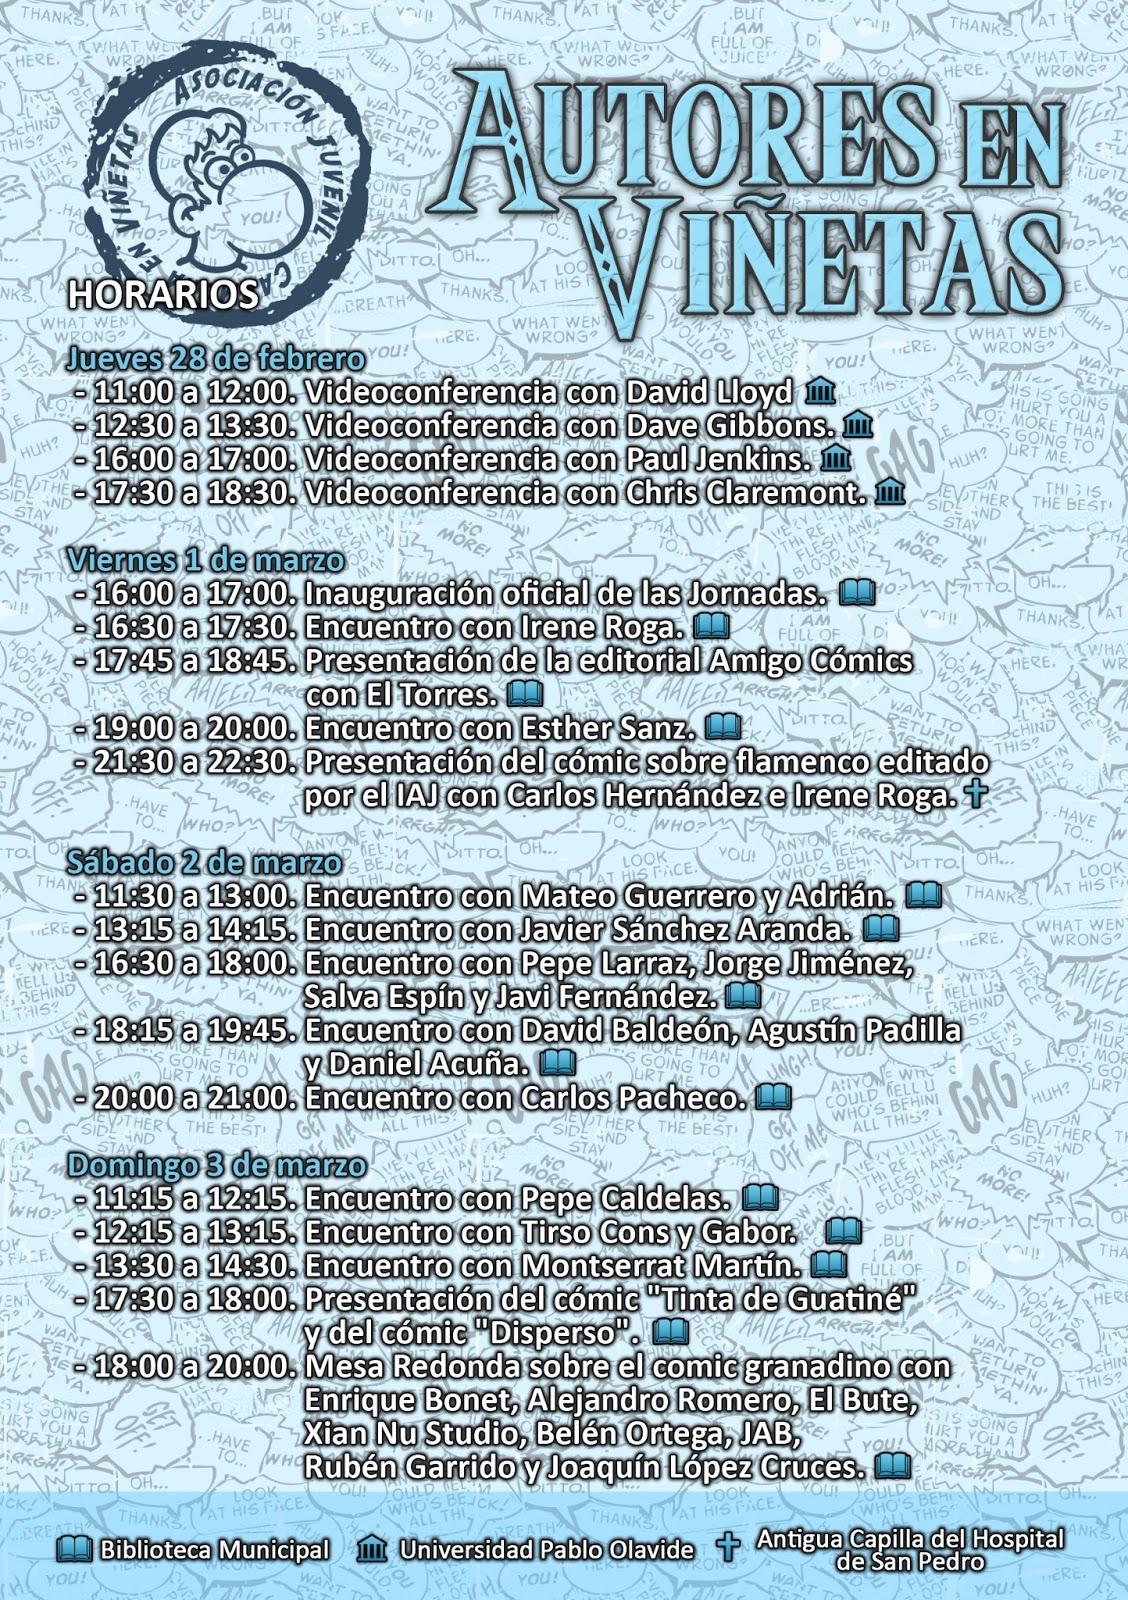 Horario Autores en Viñetas 2013